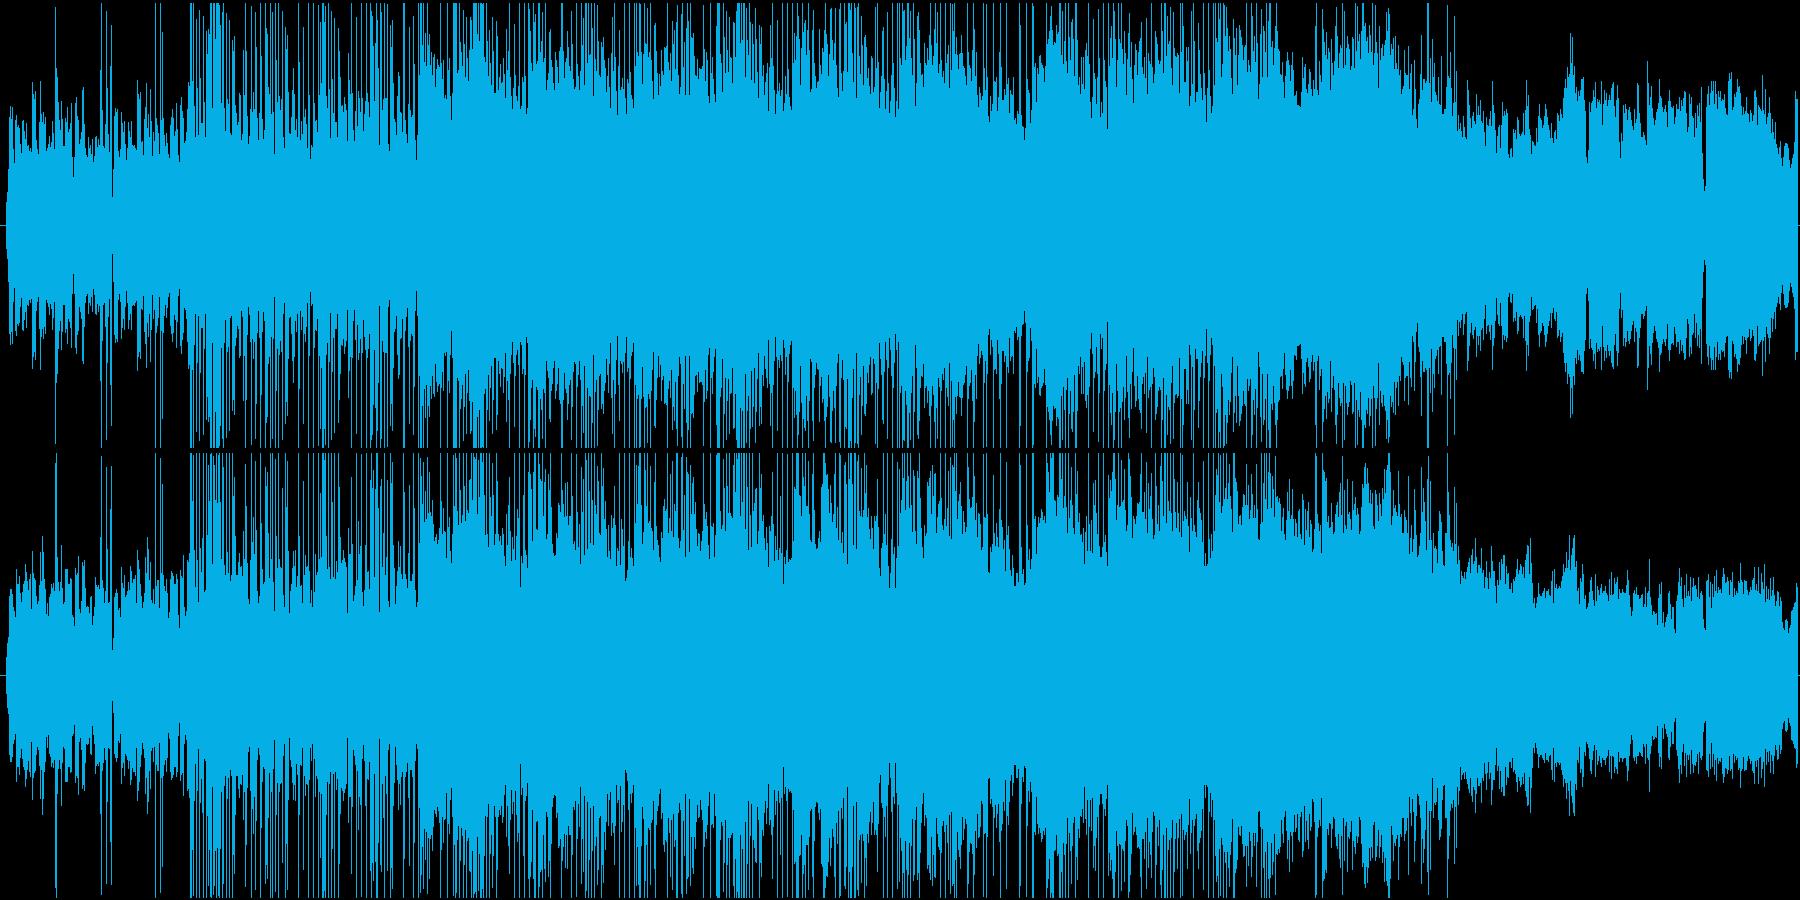 混乱・困惑・不安ムードのブレイクビーツの再生済みの波形